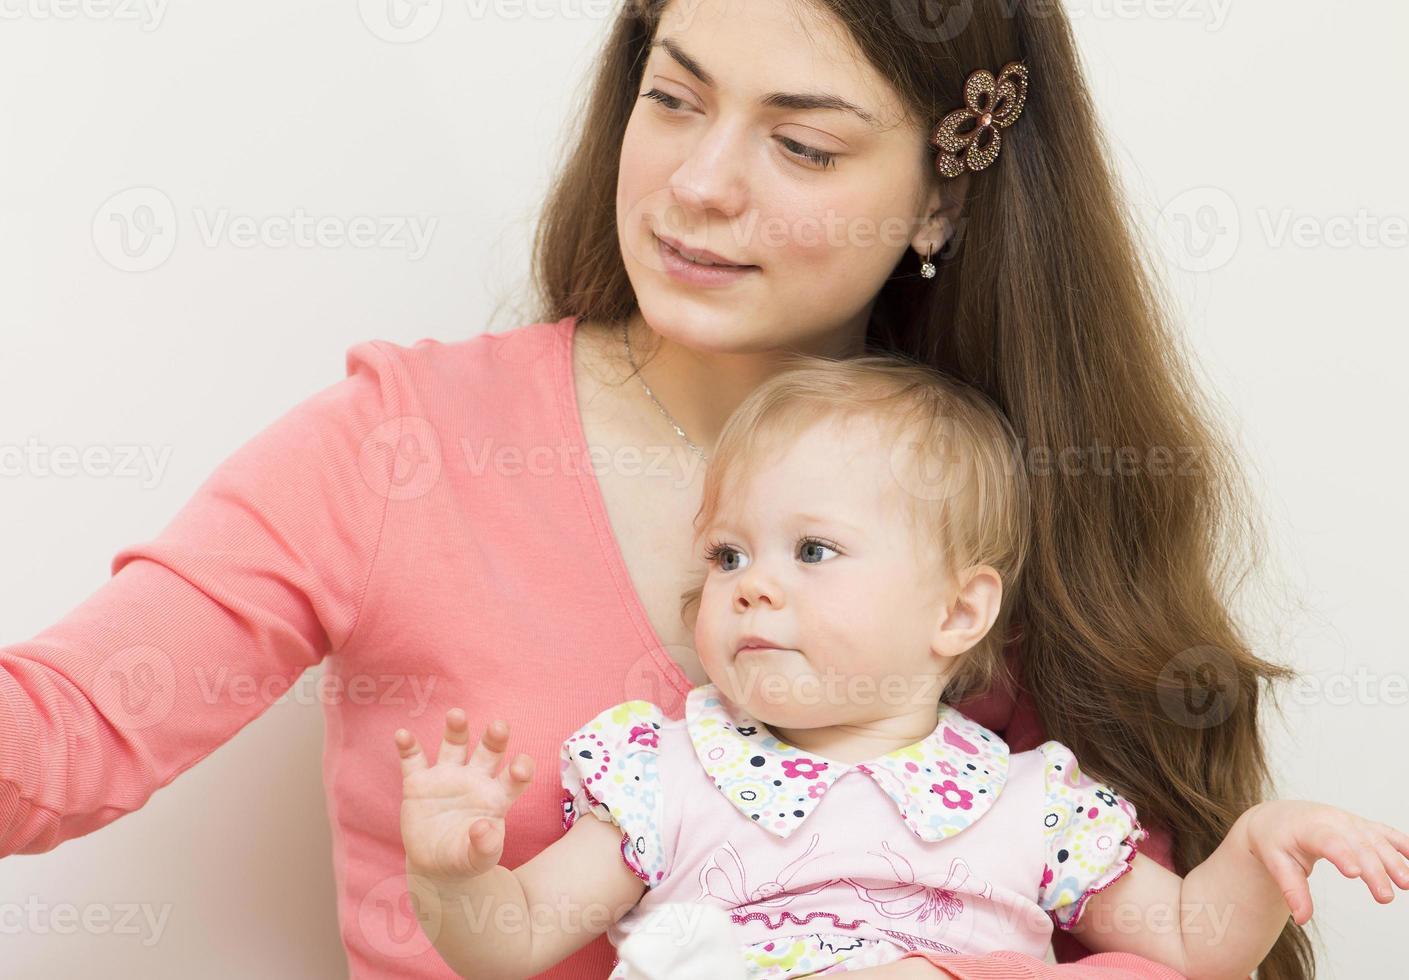 jonge moeder met de baby van 11 maanden oud. foto